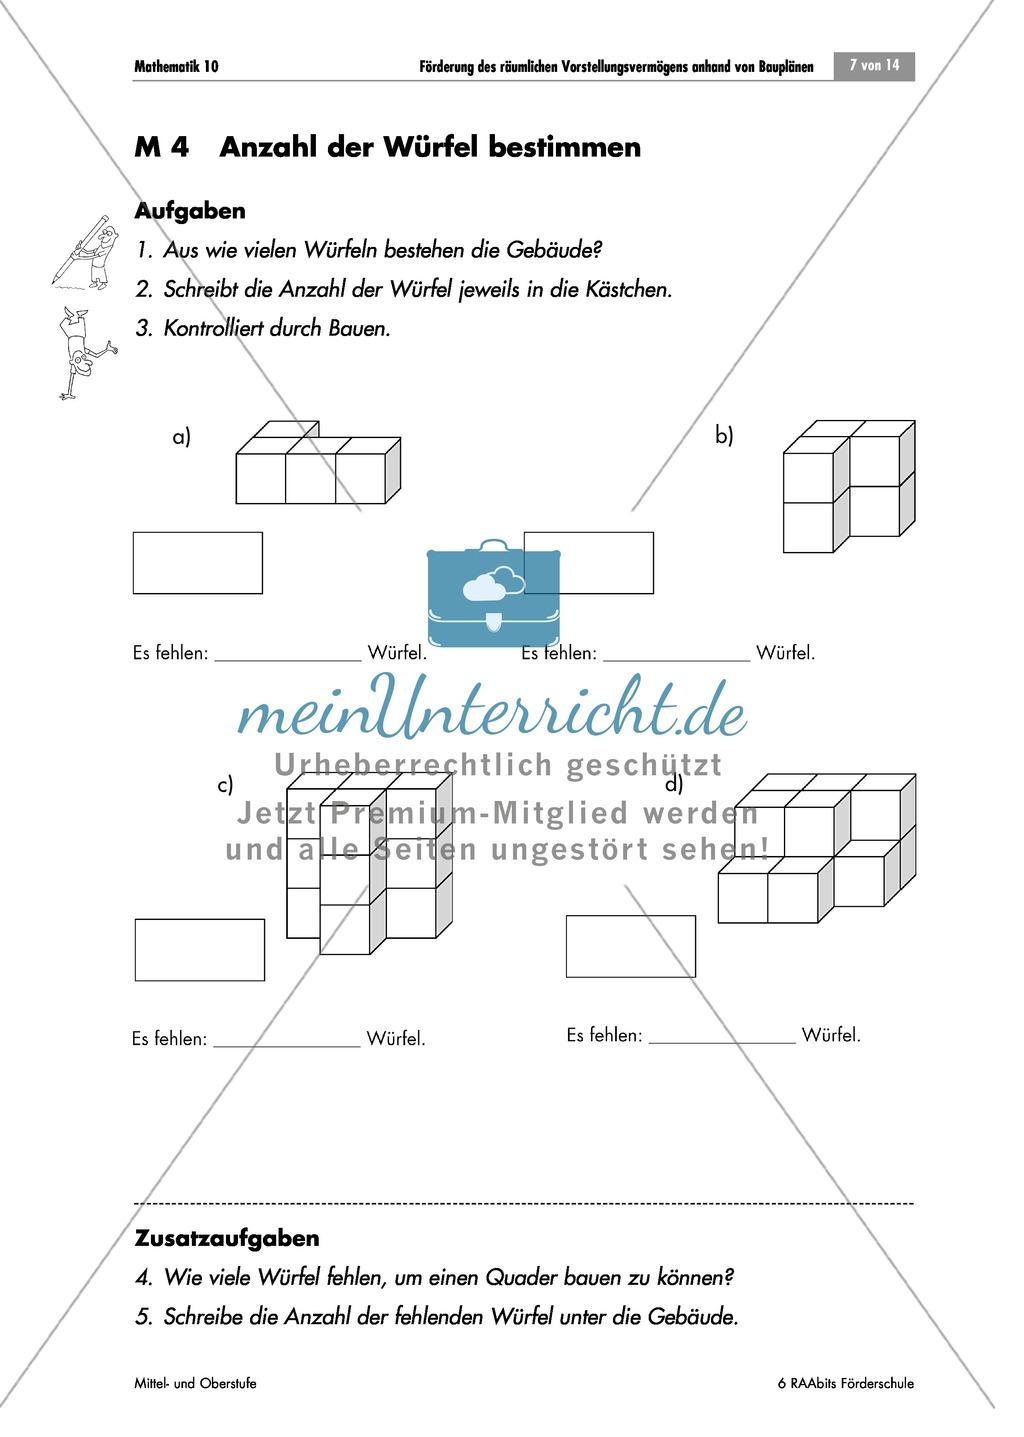 Ziemlich Würfel Vorlage Fotos - Beispiel Wiederaufnahme Vorlagen ...